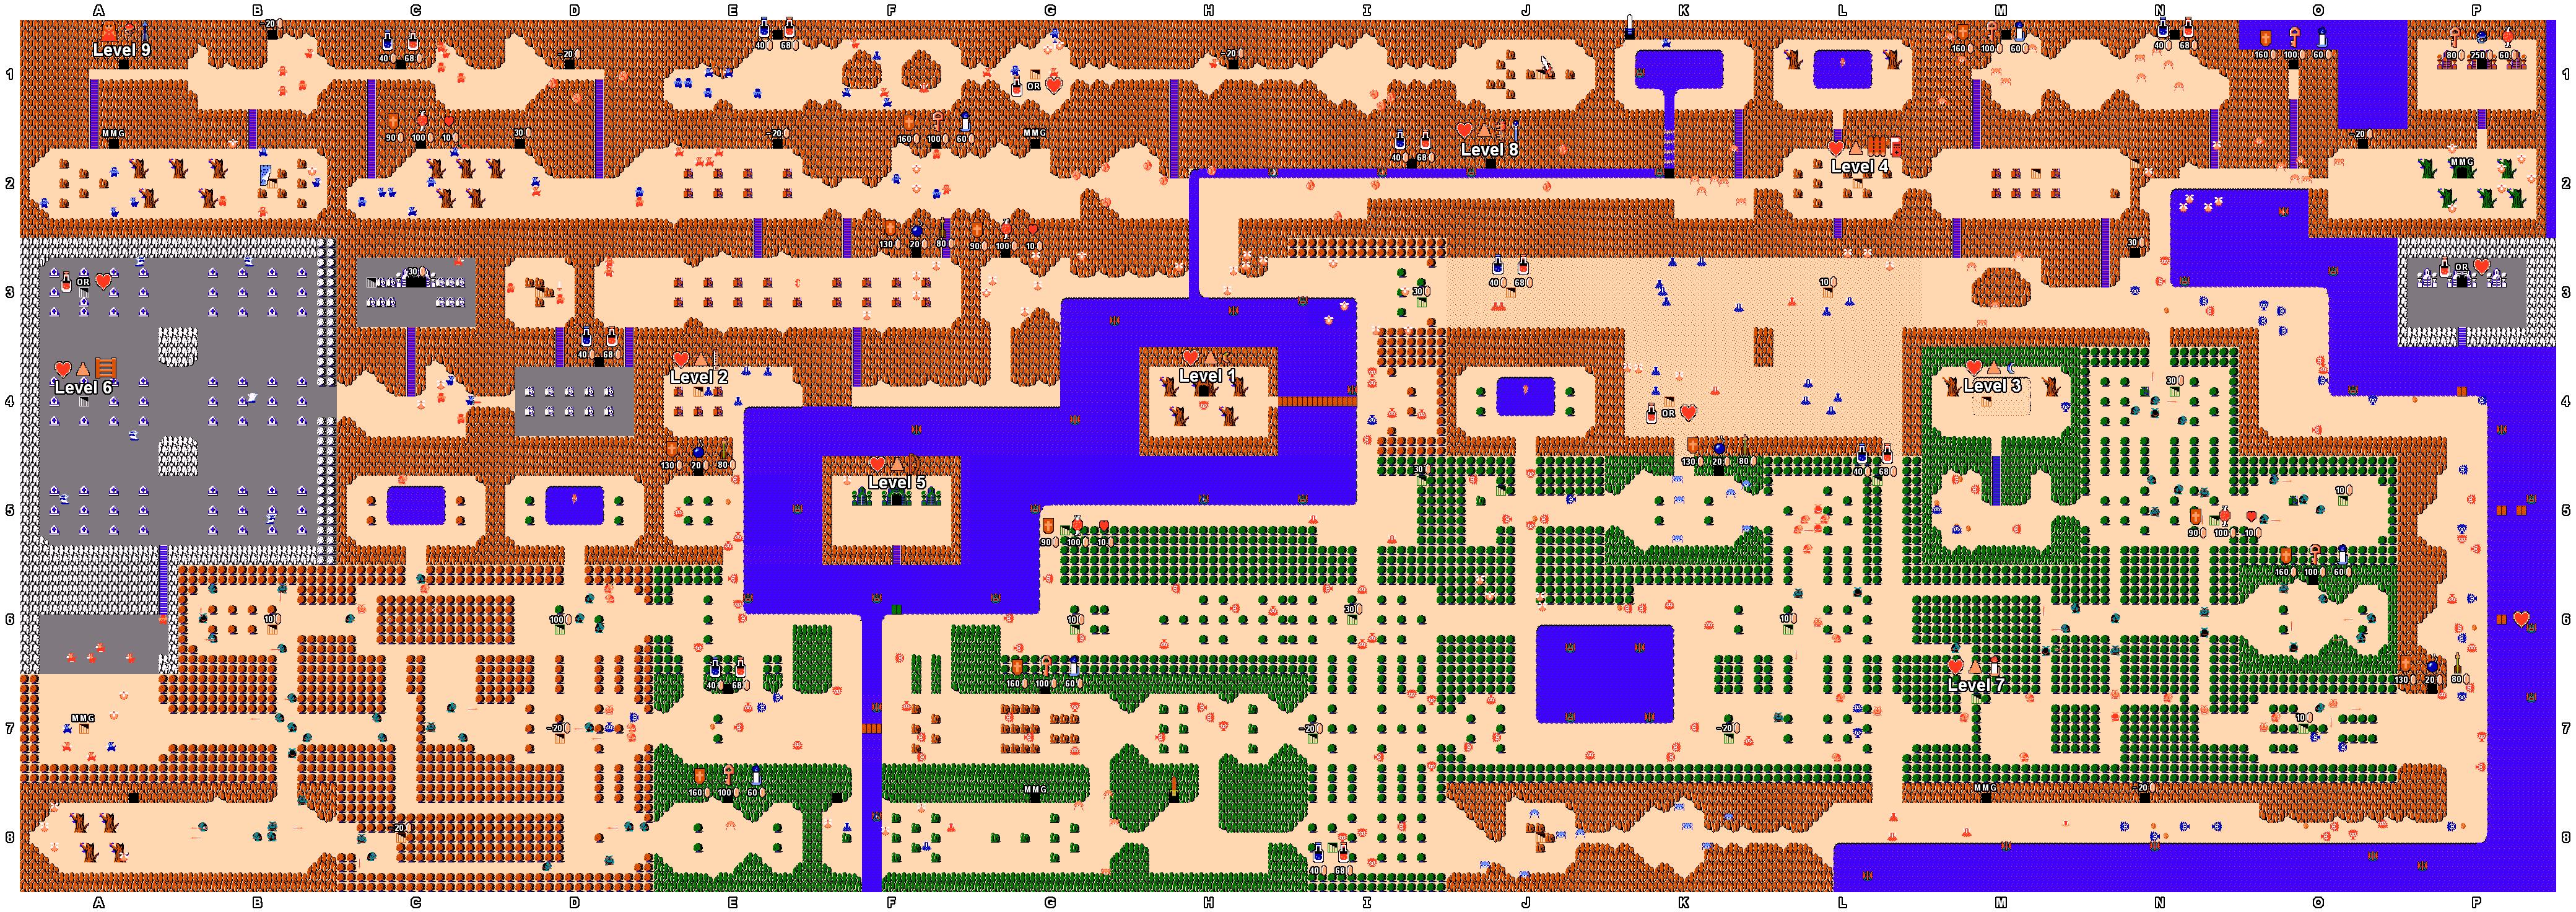 Mike's RPG Center - The Legend of Zelda on